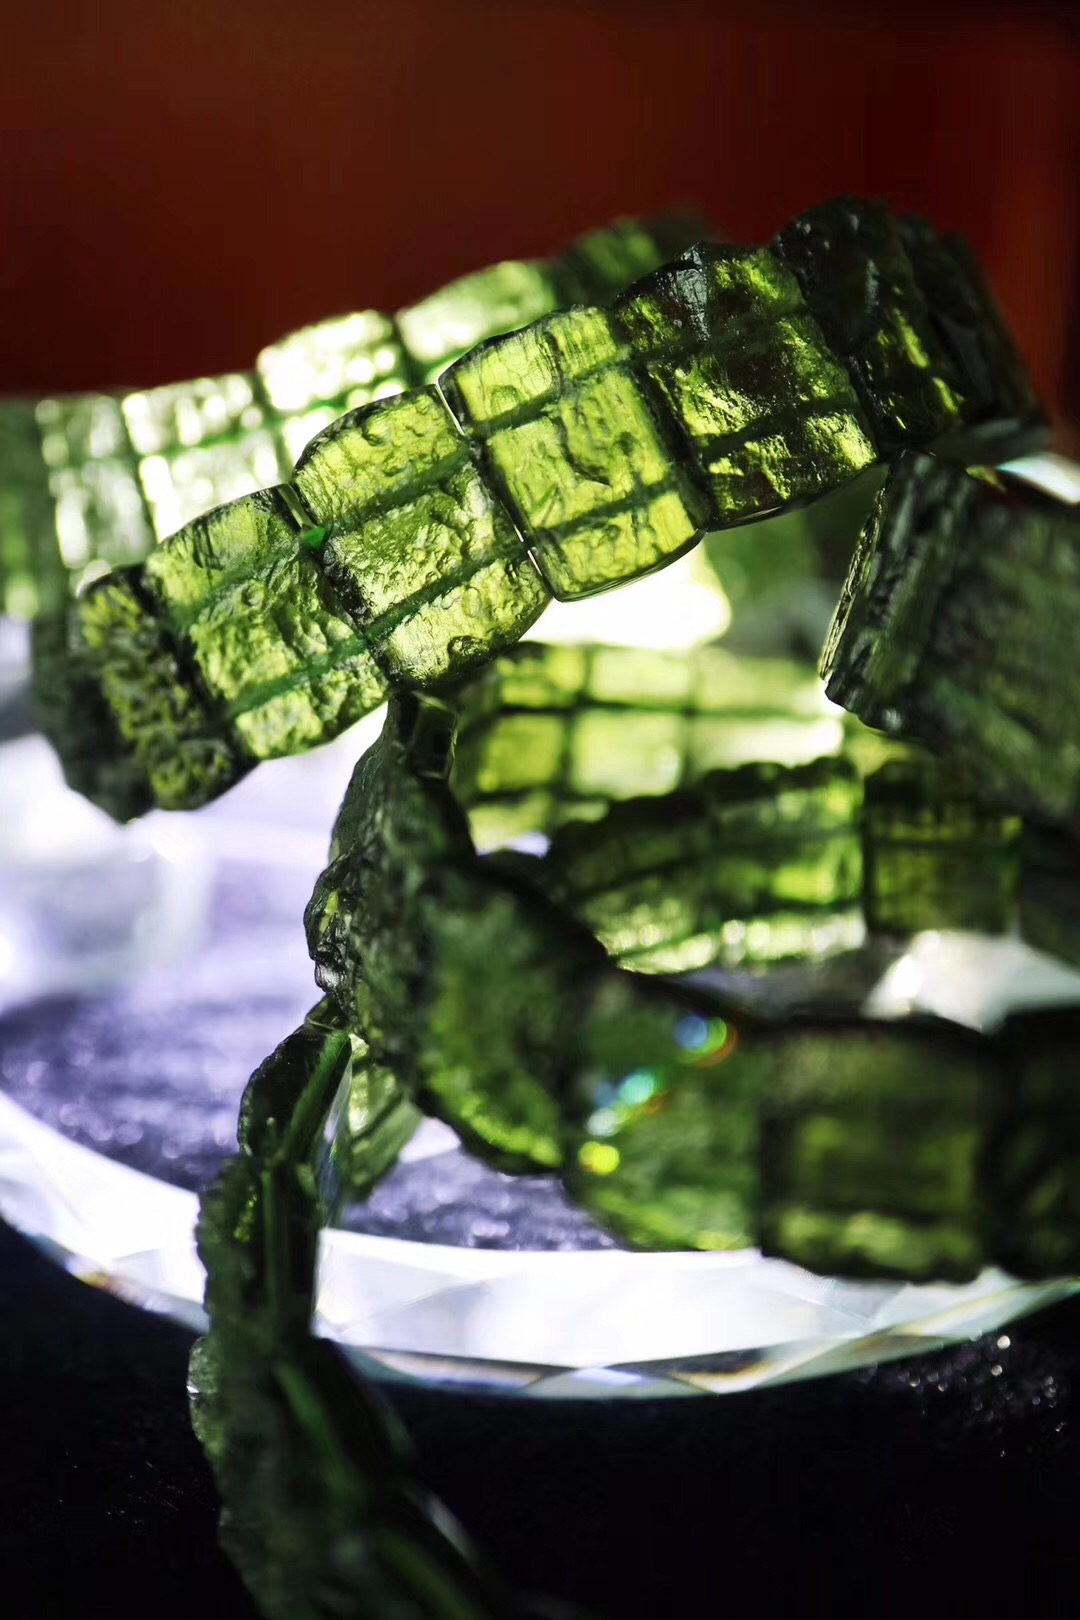 【菩心-捷克陨石】一波绿色治愈系,懂的宝宝可收-菩心晶舍